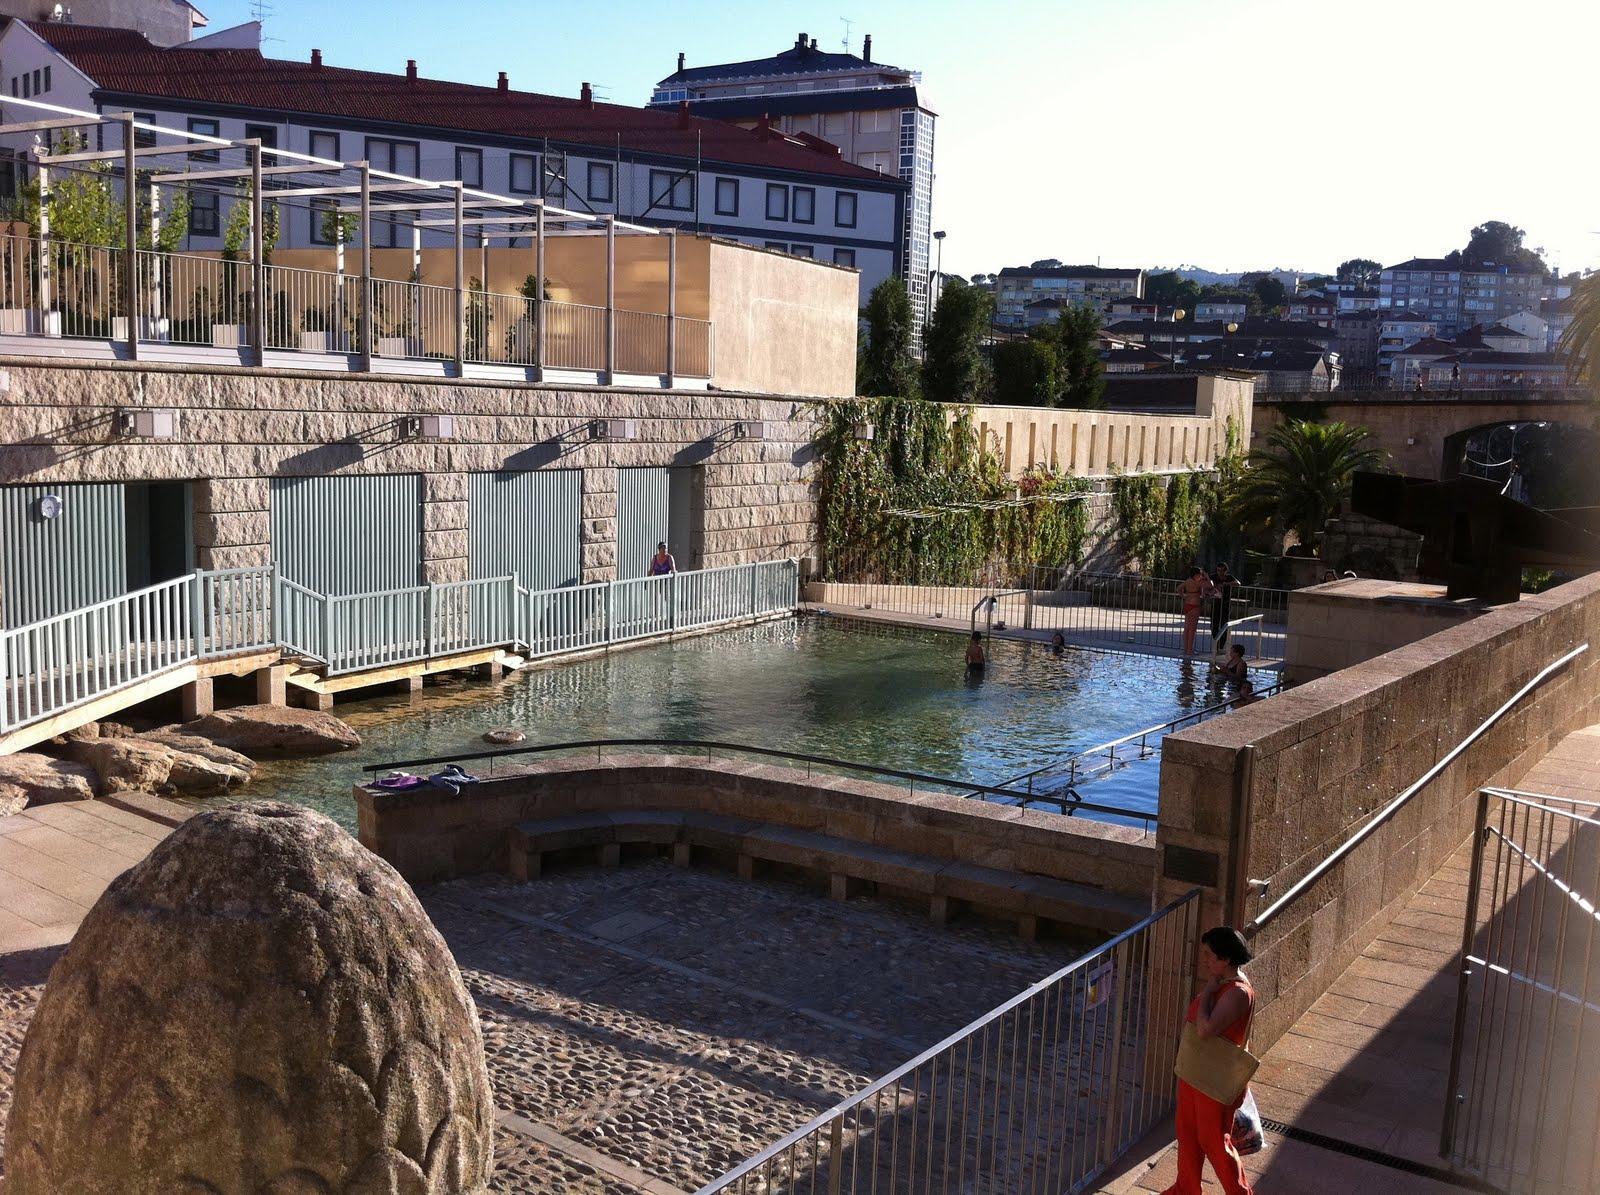 Baños Romanos Ourense:As Burgas de Ourense – Kismondo